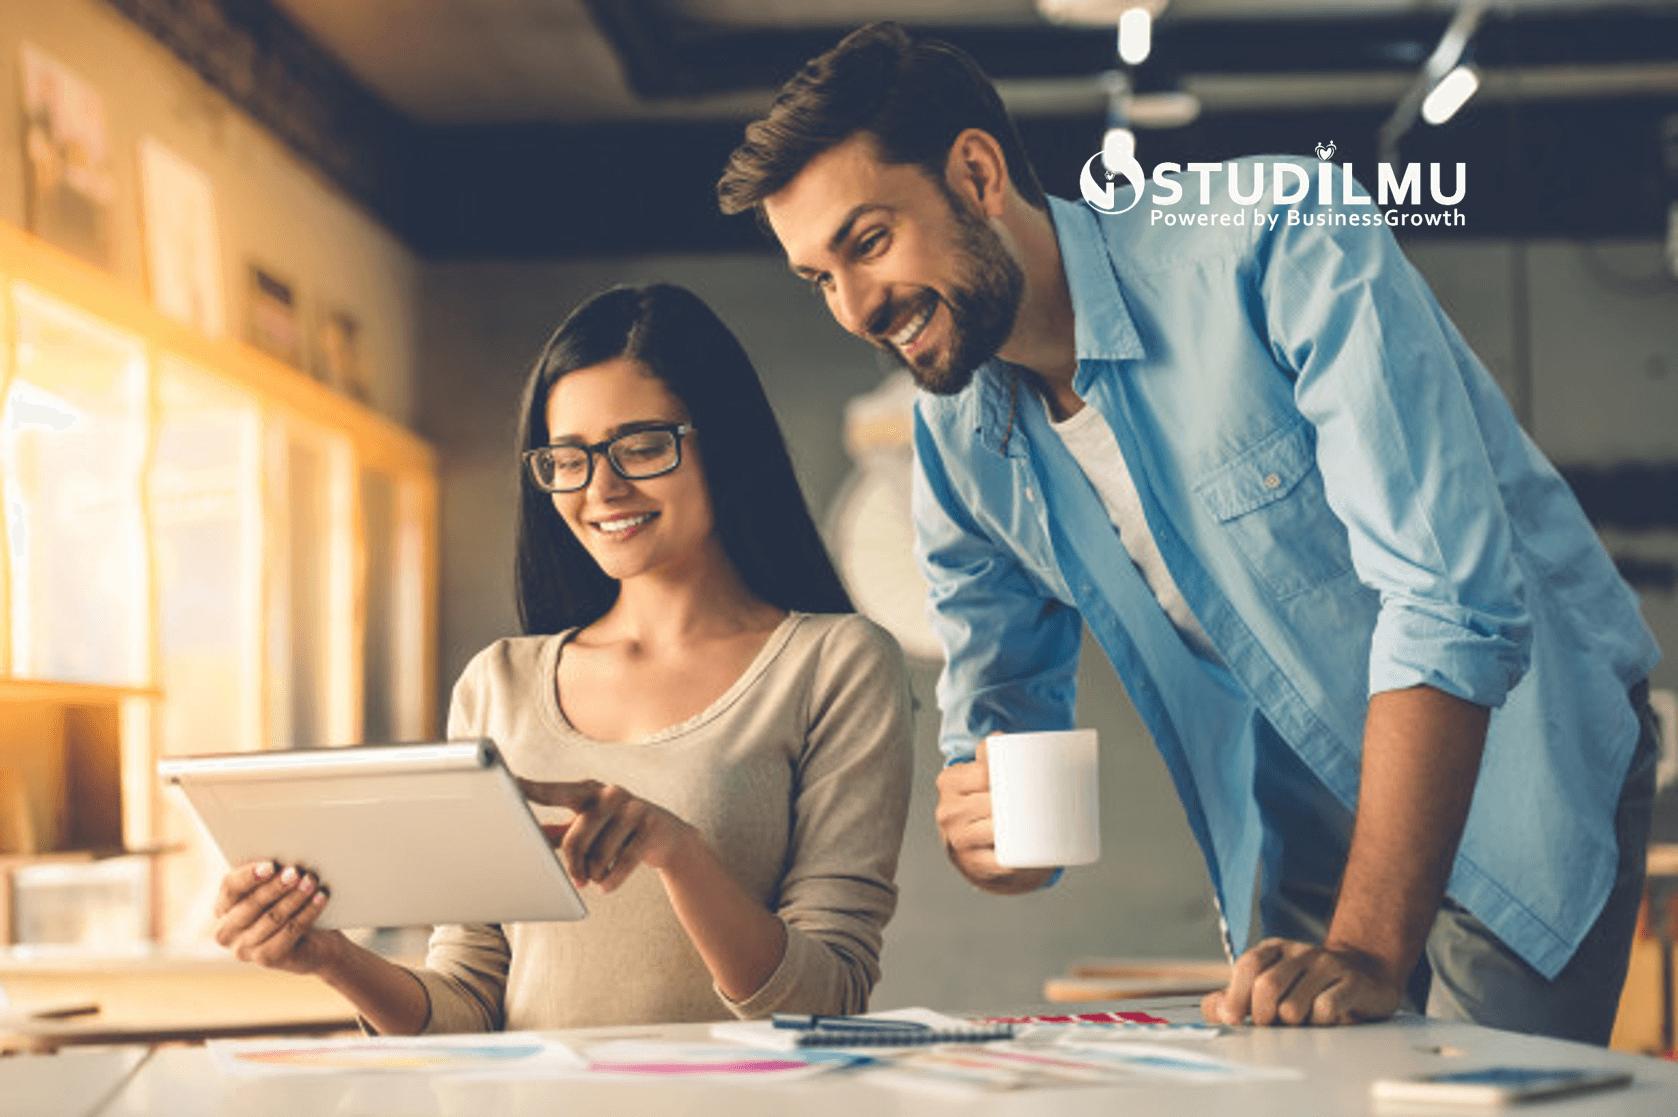 STUDILMU Career Advice - Komunikasi adalah Fungsi Kepemimpinan Inti Para Pemimpin